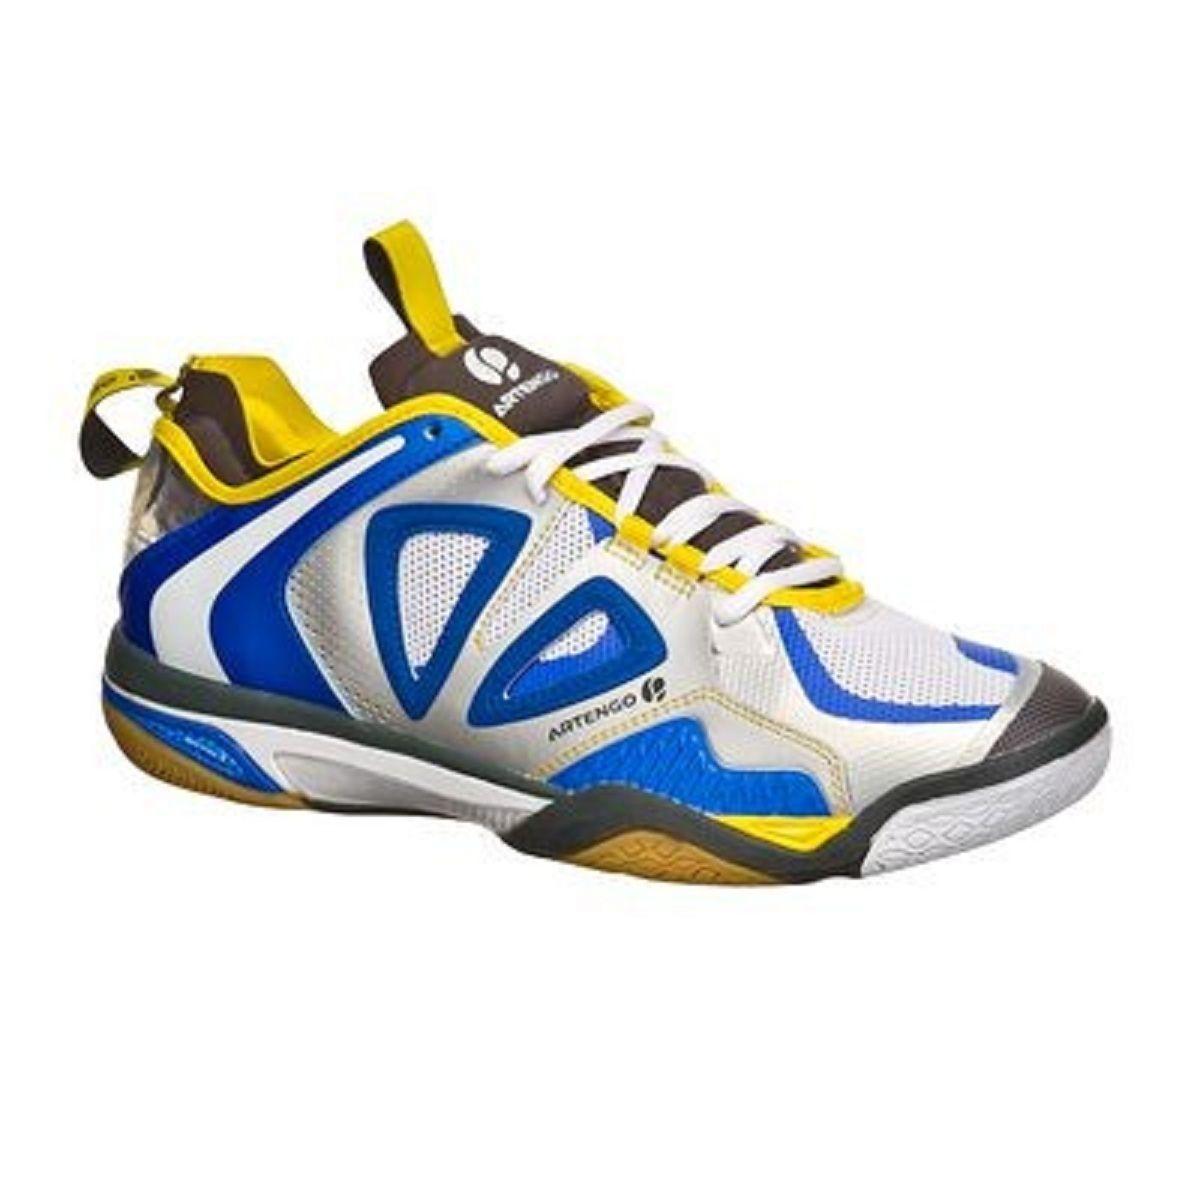 Artengo Bs 900 Shoes Badminton Shoes Badminton Shoes